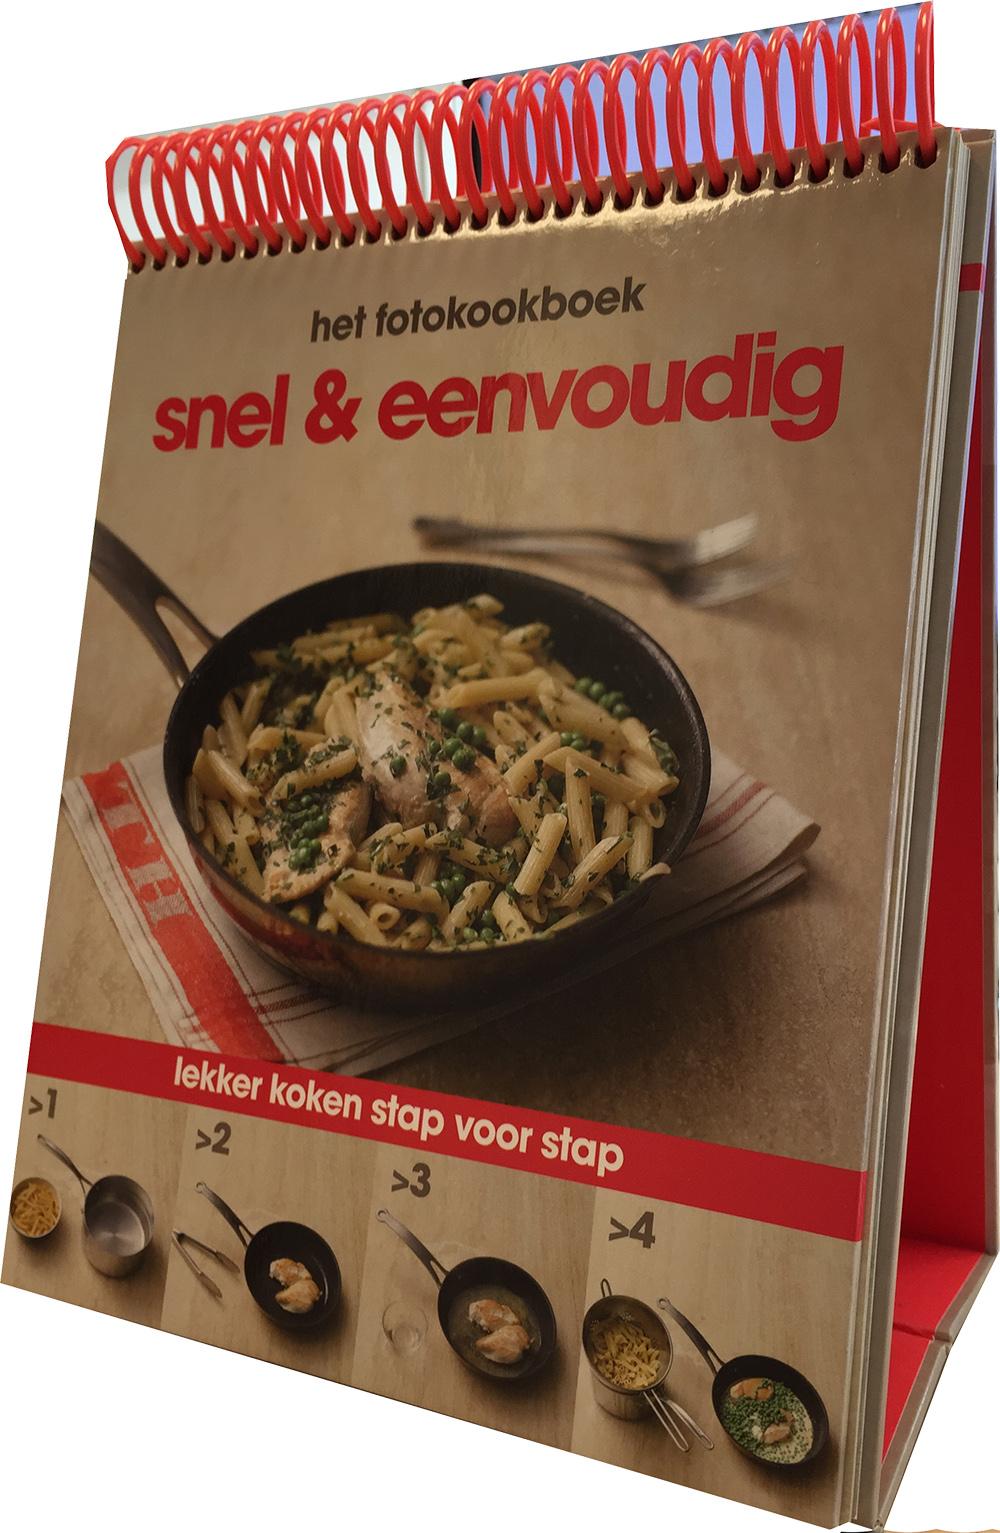 Fotokookboek Snel & eenvoudig